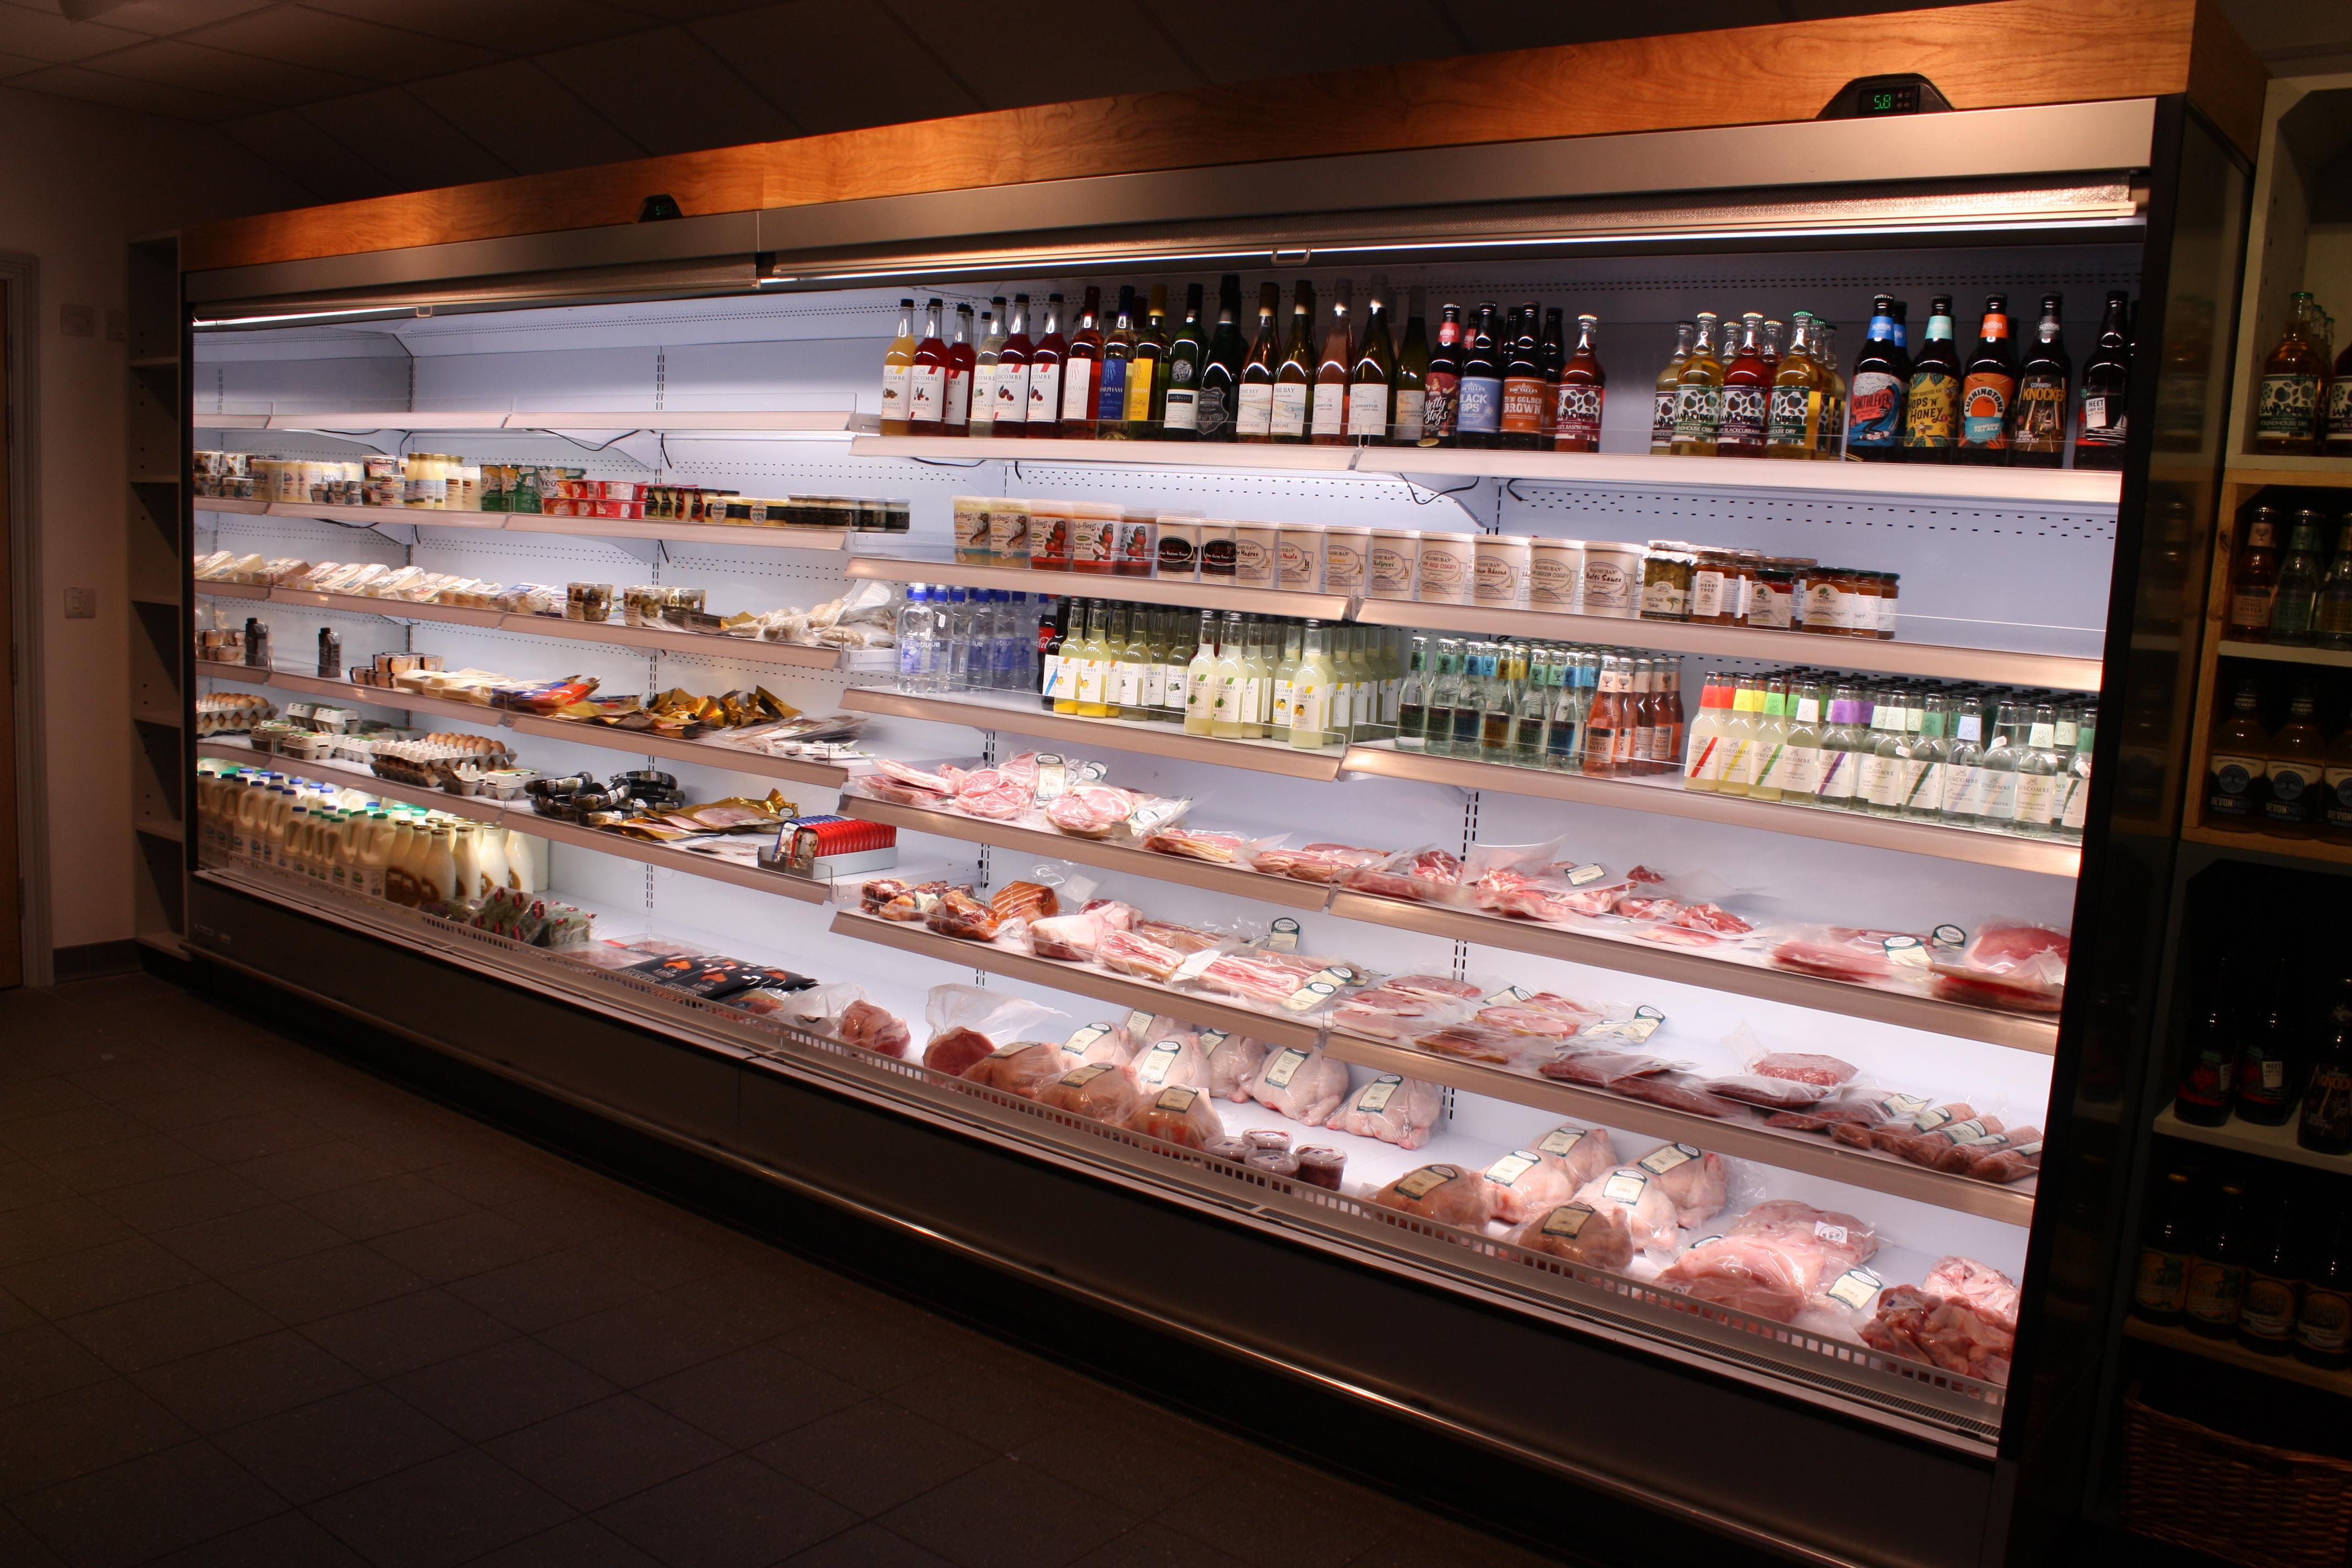 Prepacked meats